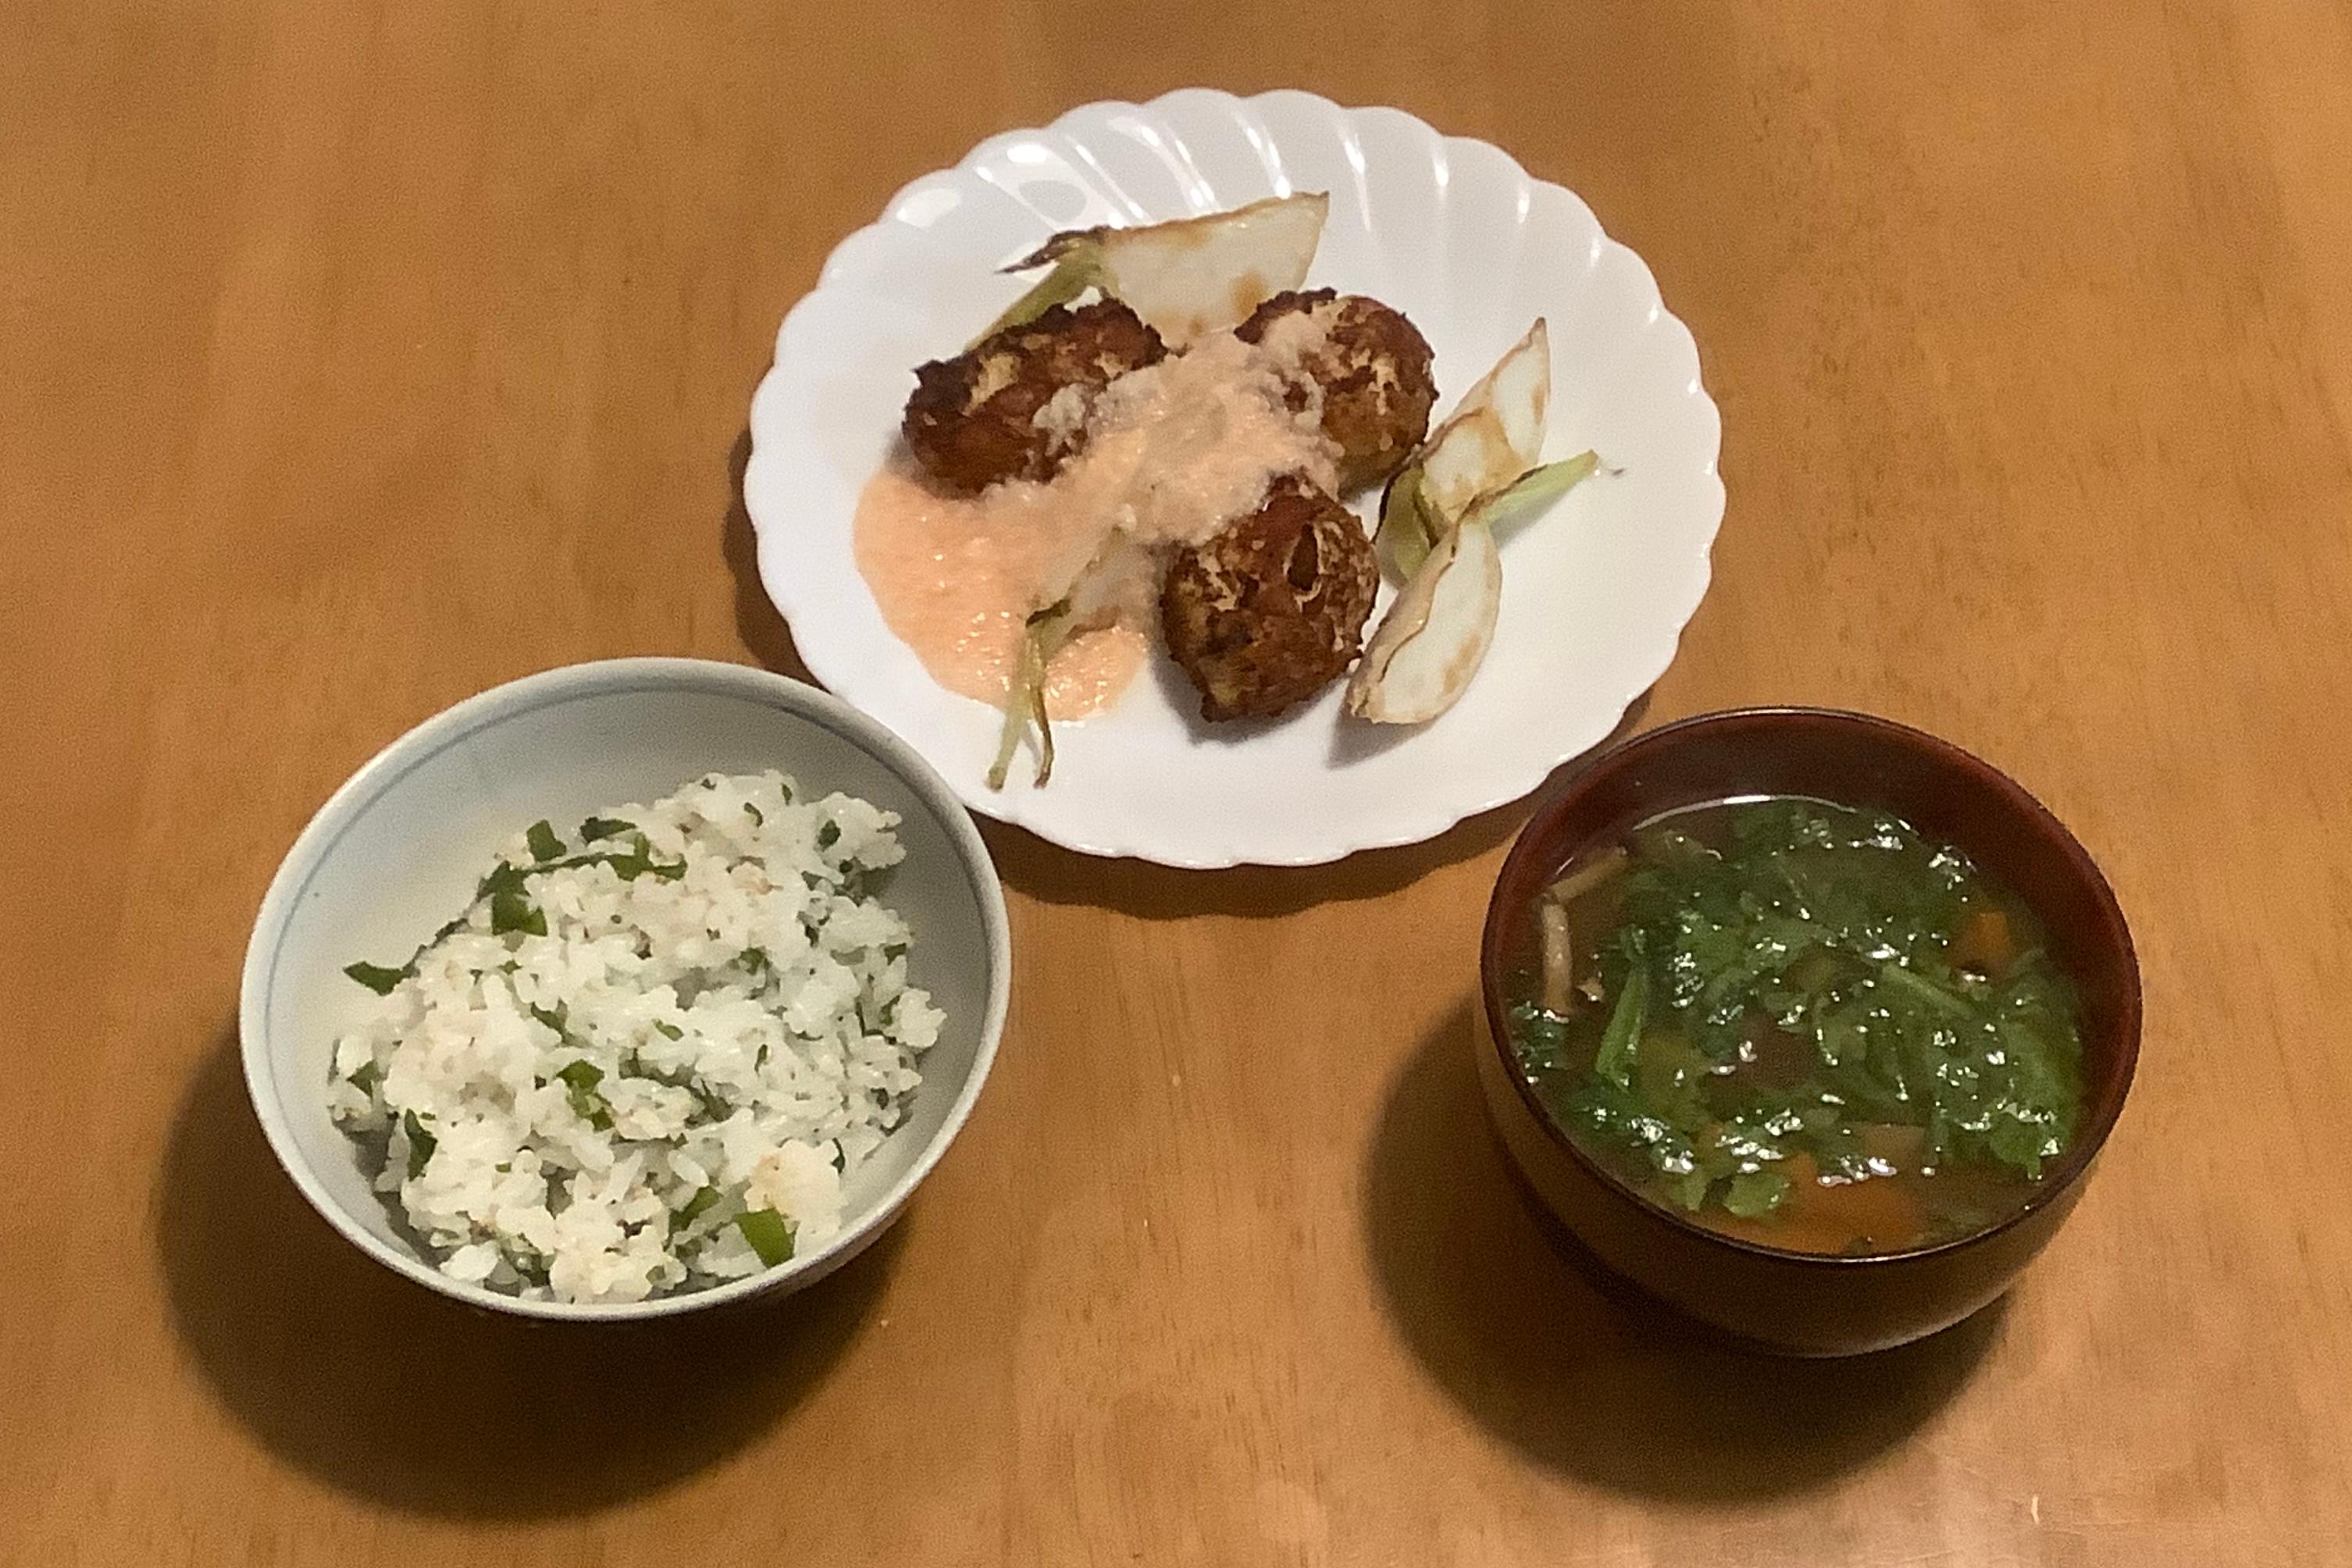 鶏つくねの明太子とろろがけ+春菊の香味野菜汁+わかめごはん